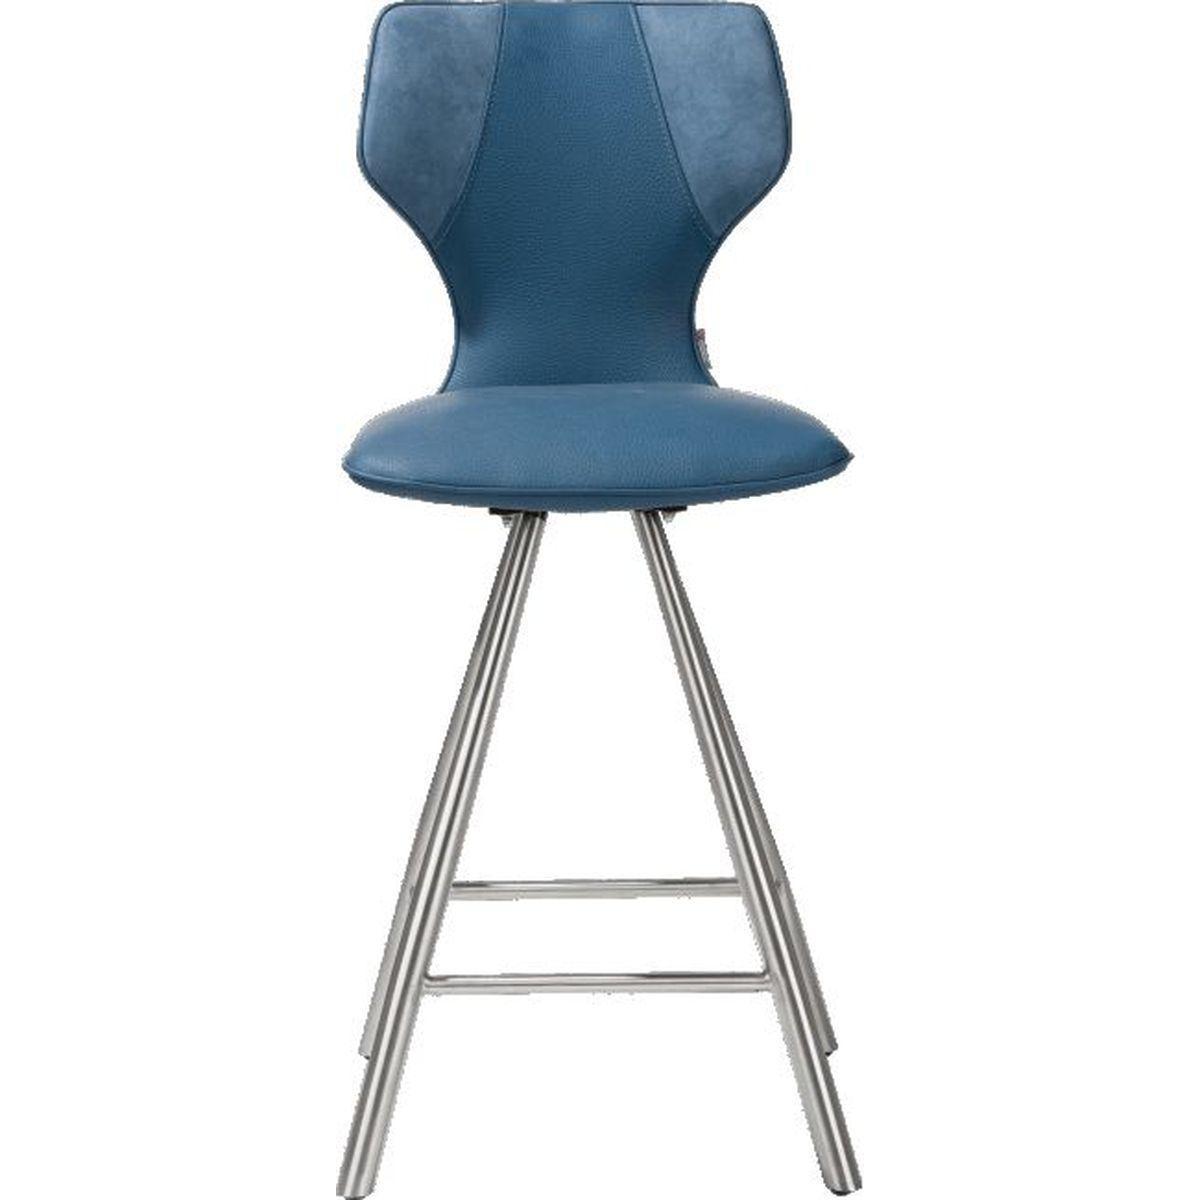 Chaise De Bar Bleu : chaise de bar scout xooon bleu abitare living ~ Teatrodelosmanantiales.com Idées de Décoration